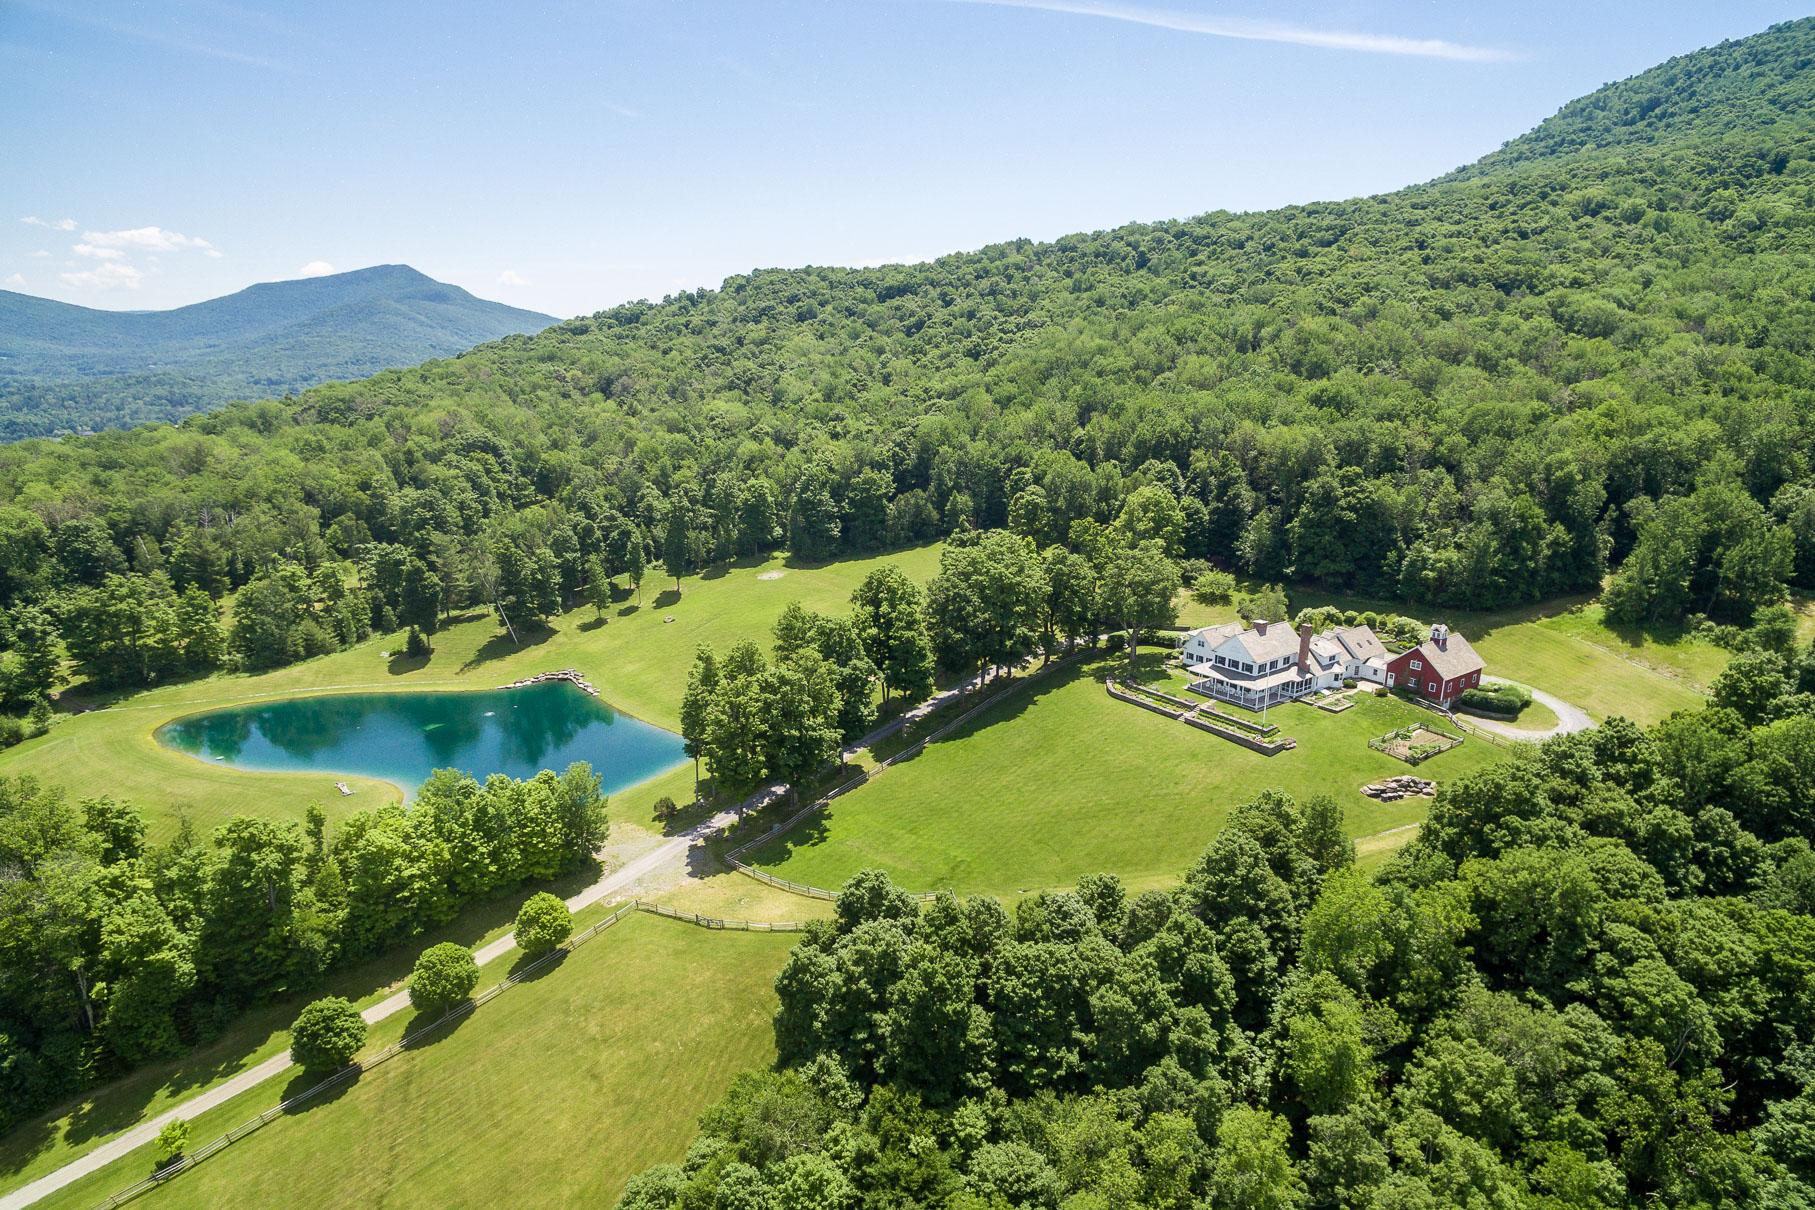 Частный односемейный дом для того Продажа на Northshire Estate Property 864 Rogers Rd Rupert, Вермонт 05768 Соединенные Штаты